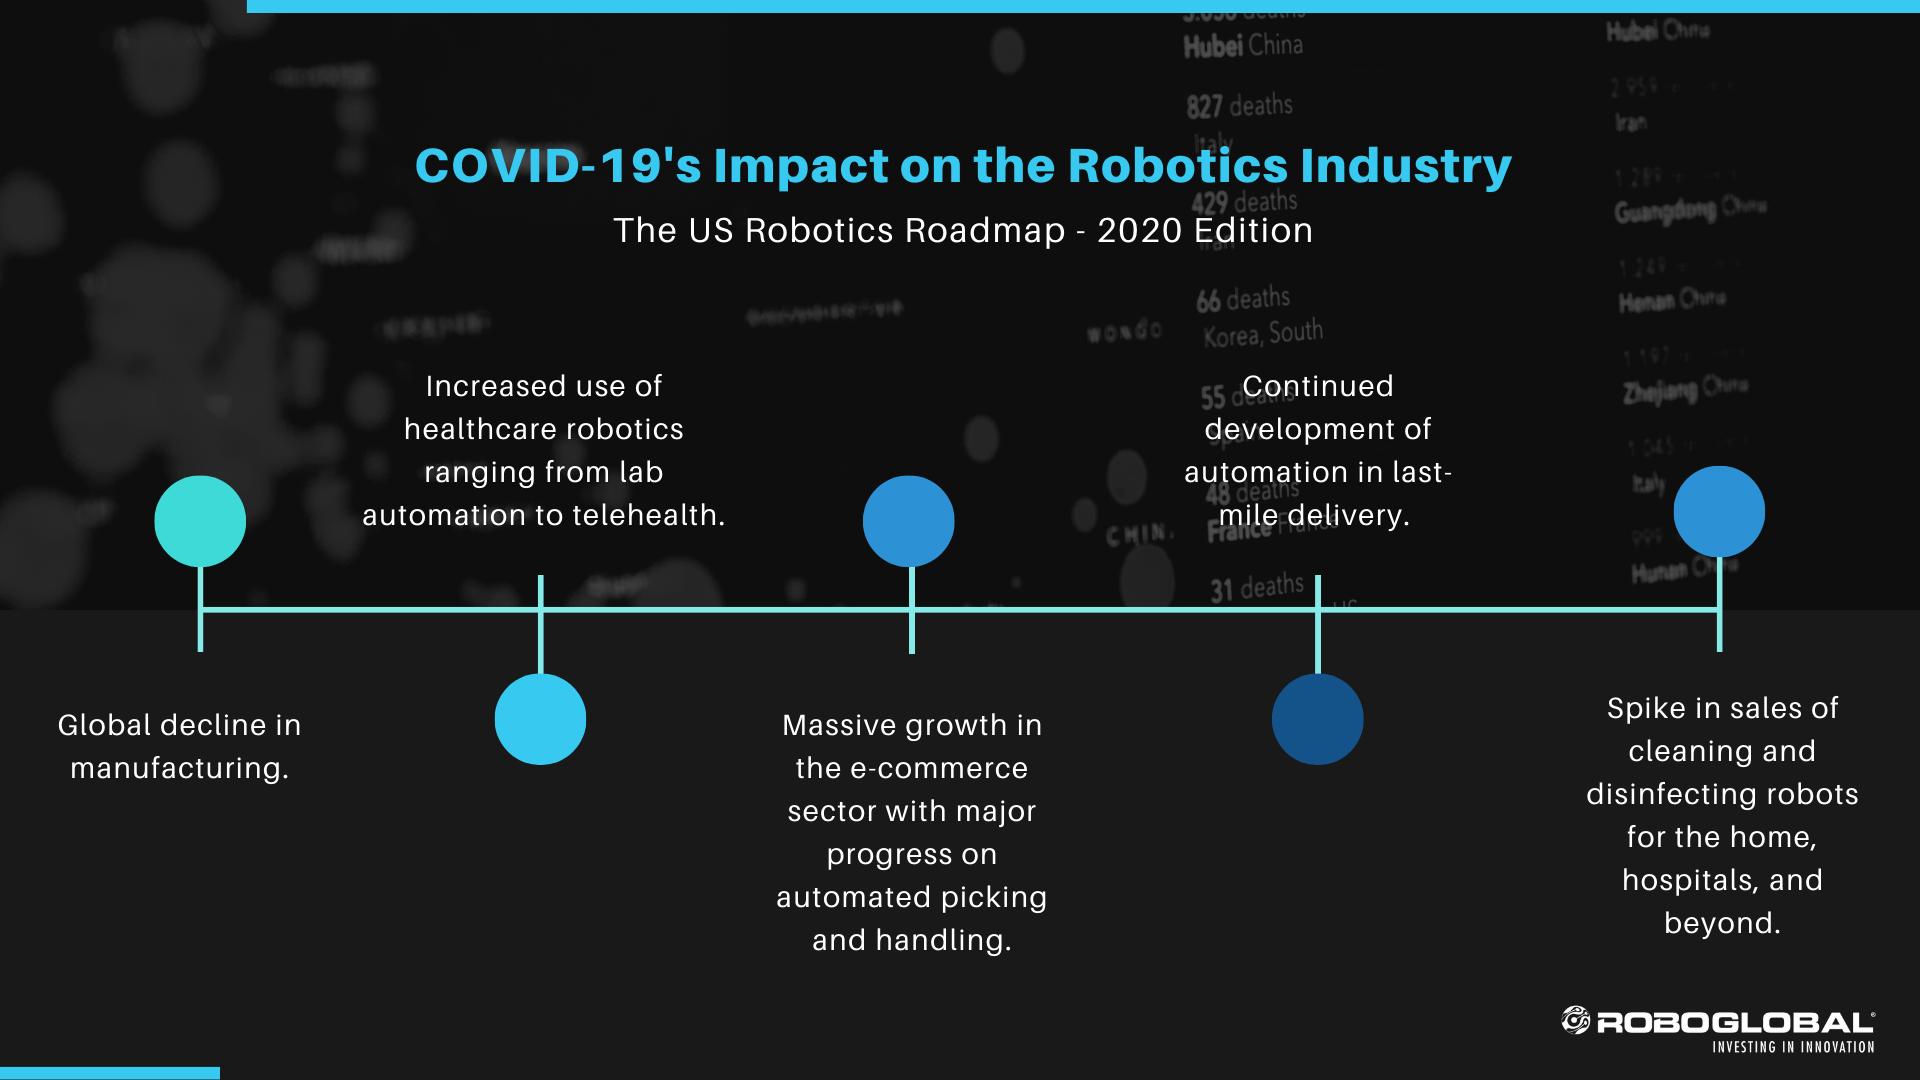 US Robotics Roadmap (1)